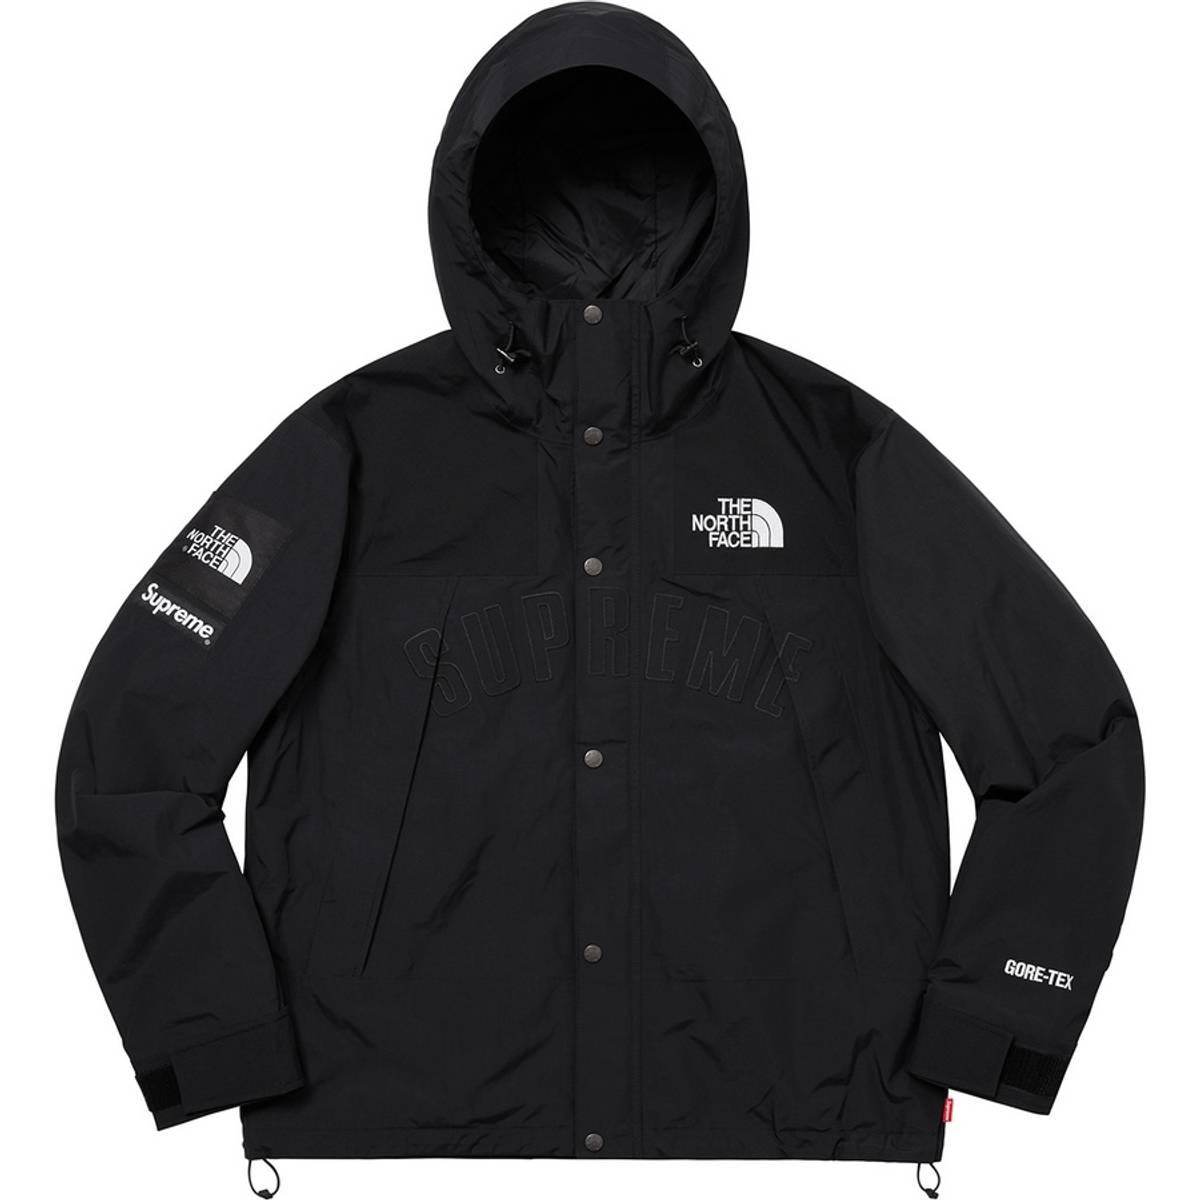 1c39fcbc8 Supreme × The North Face Supreme X The North Face Arc Logo Mountain Parka  Black Size M $720